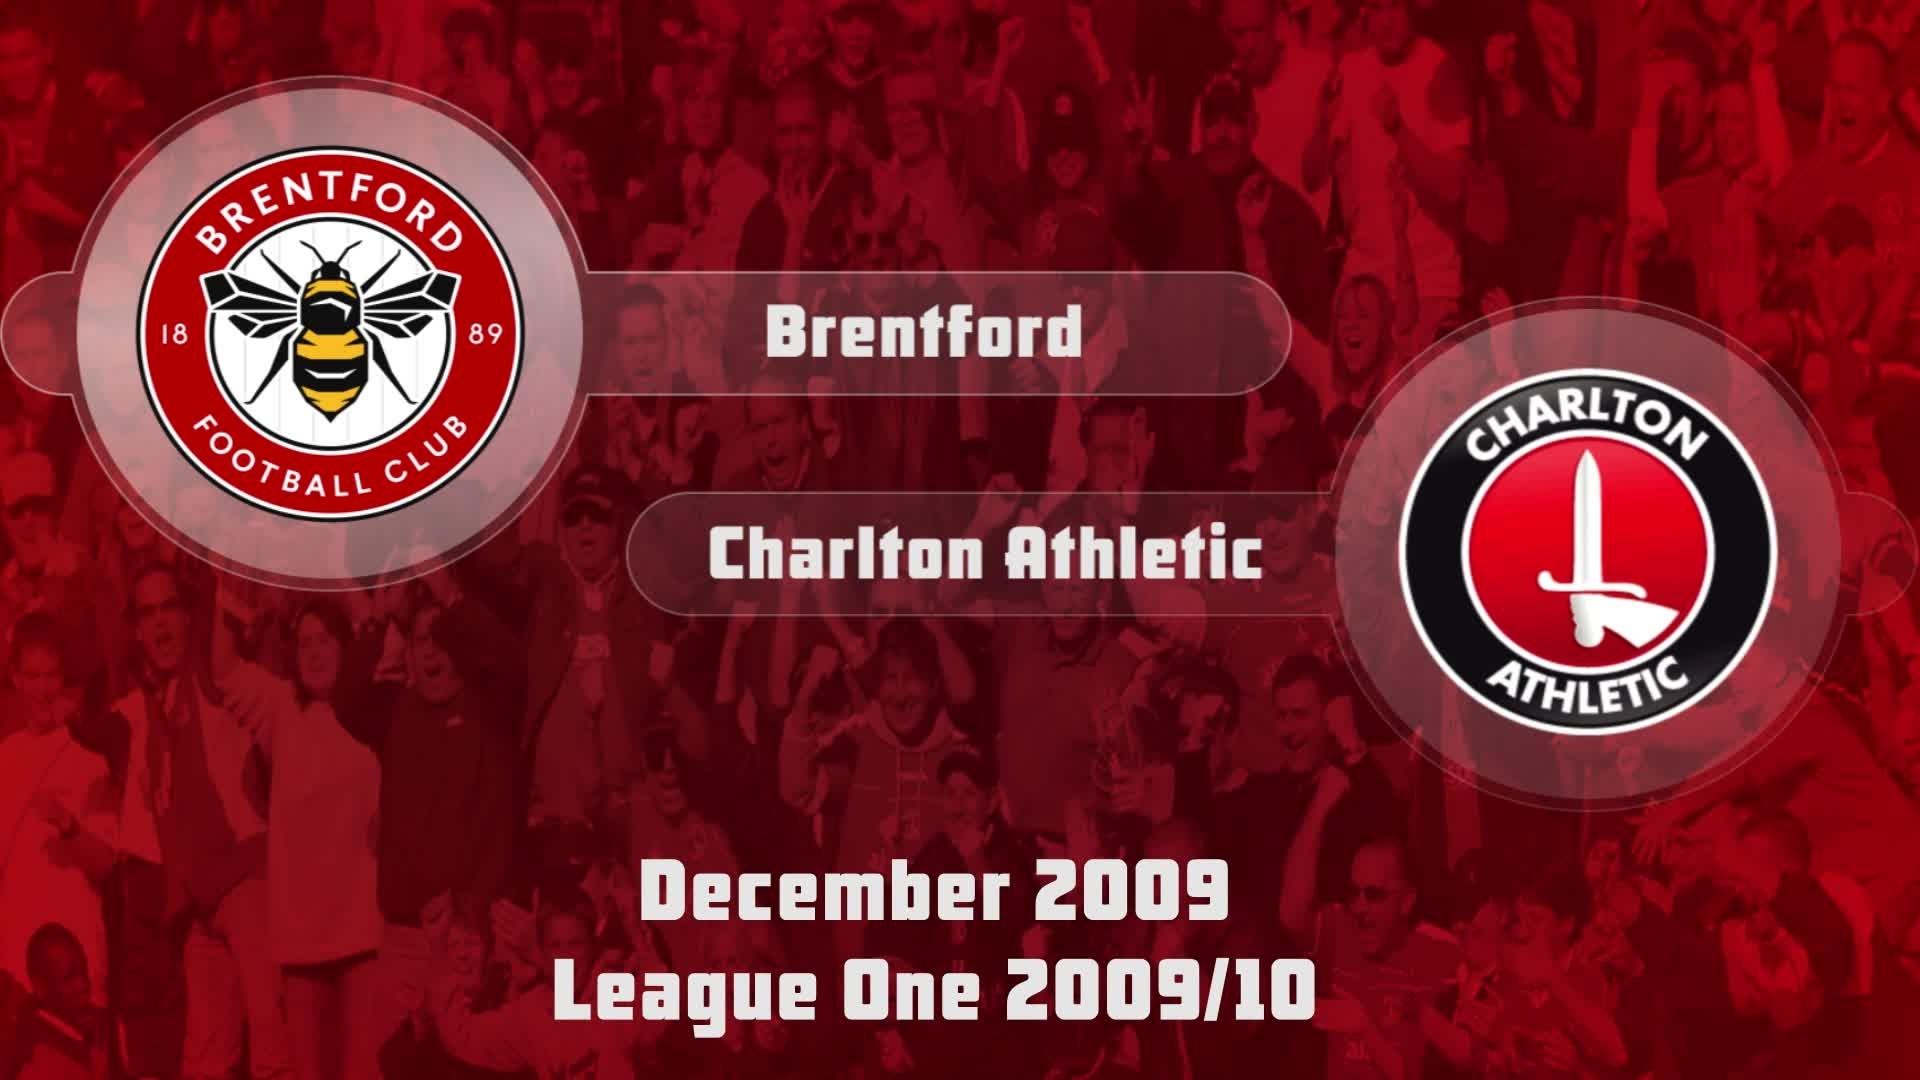 28 HIGHLIGHTS | Brentford 1 Charlton 1 (Dec 2009)